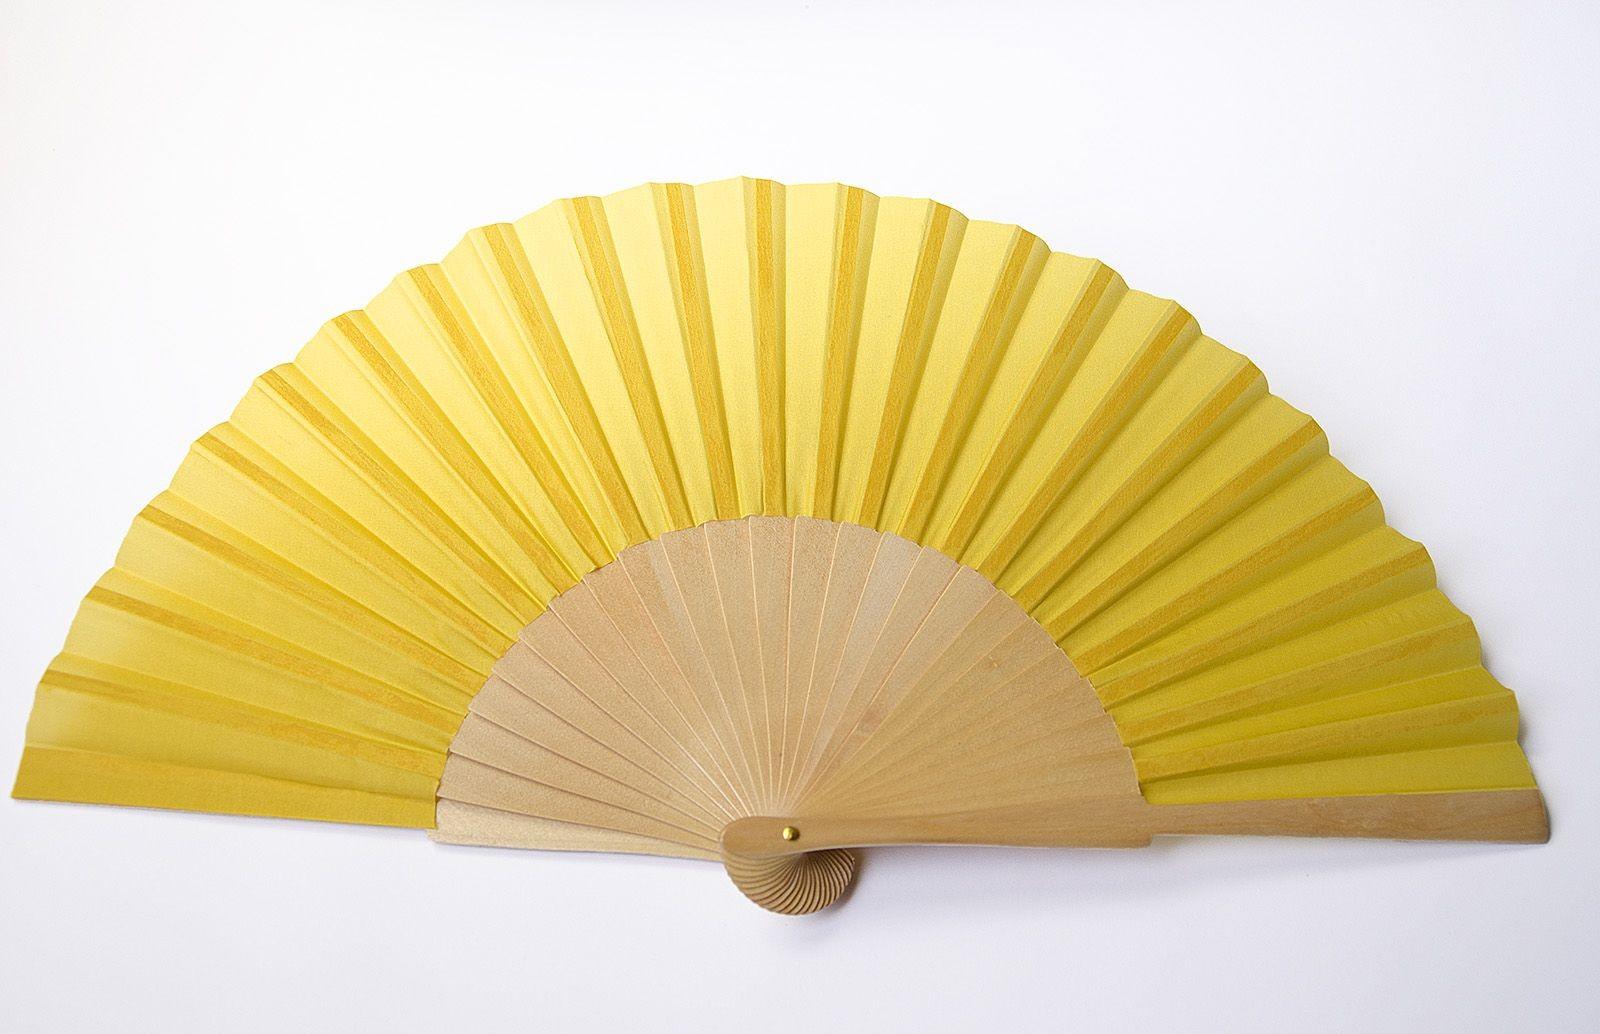 Abanico de seda habotai 8 color amarillo y varillaje de madera de sicomoro color natural de 22 cm de alto por 42 cm de ancho. Montado en España